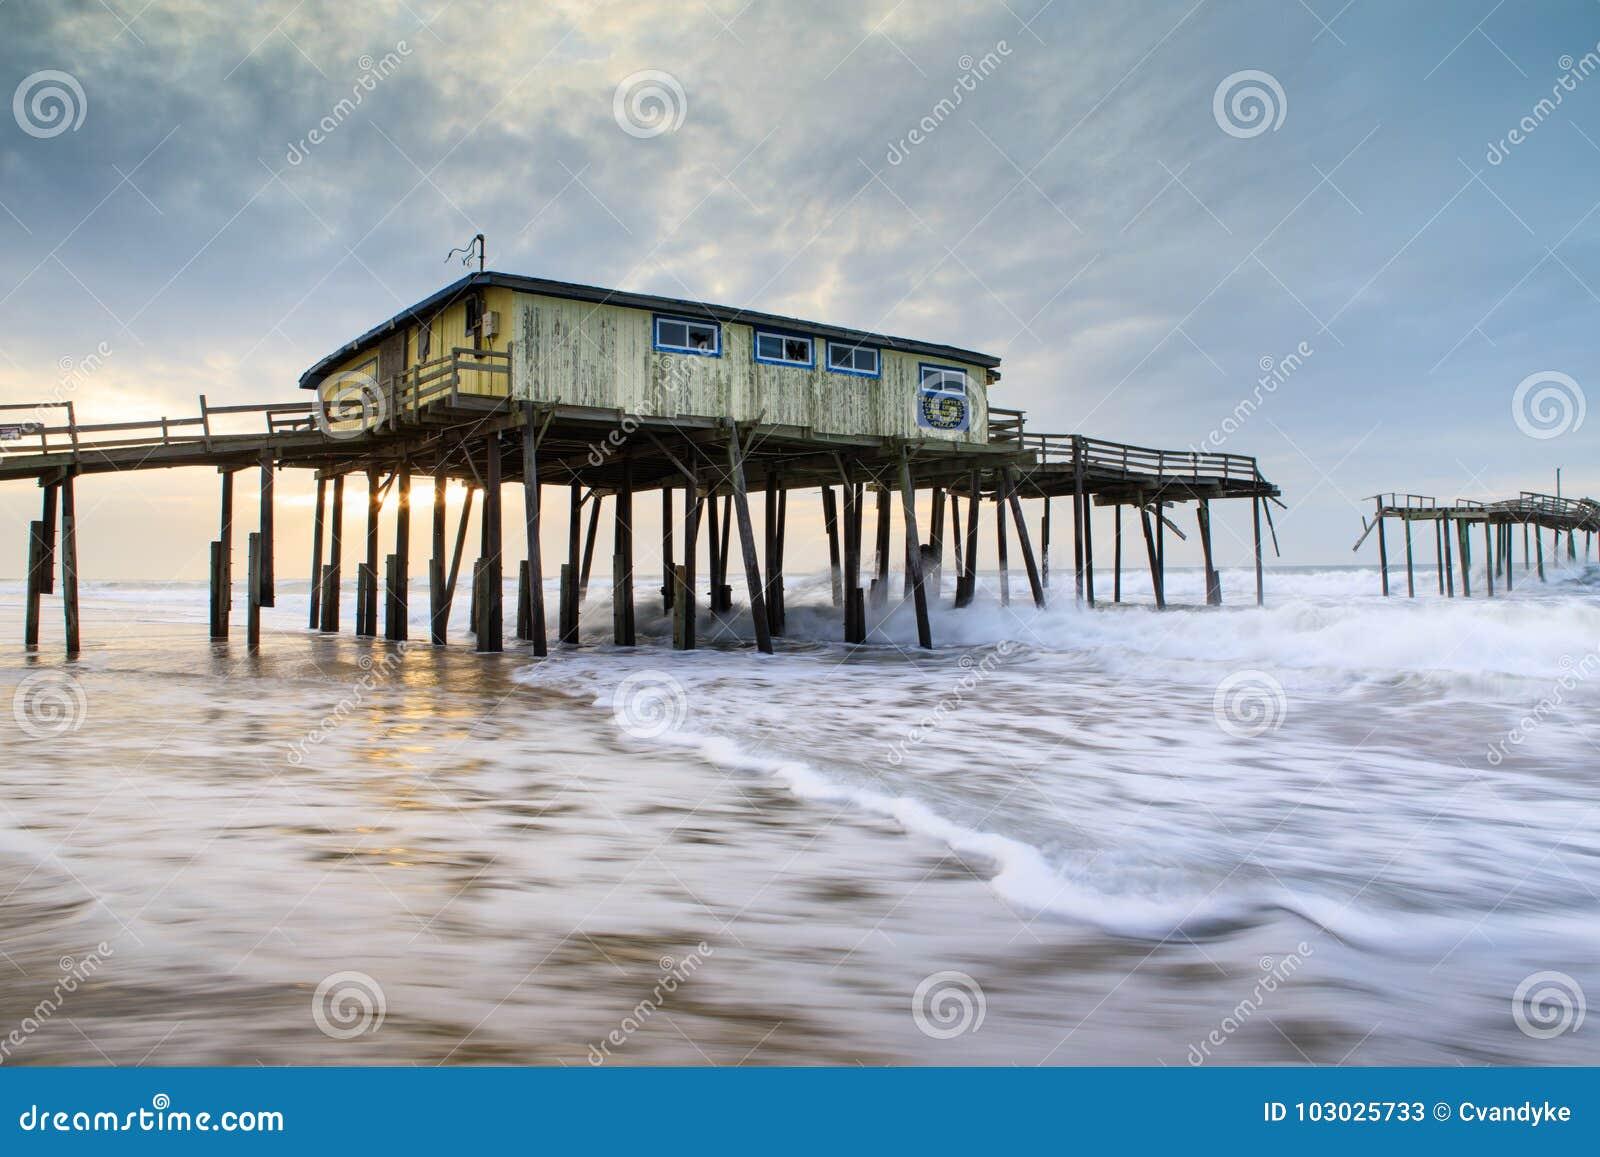 Norr Carolina Frisco Abandoned Fishing Pier